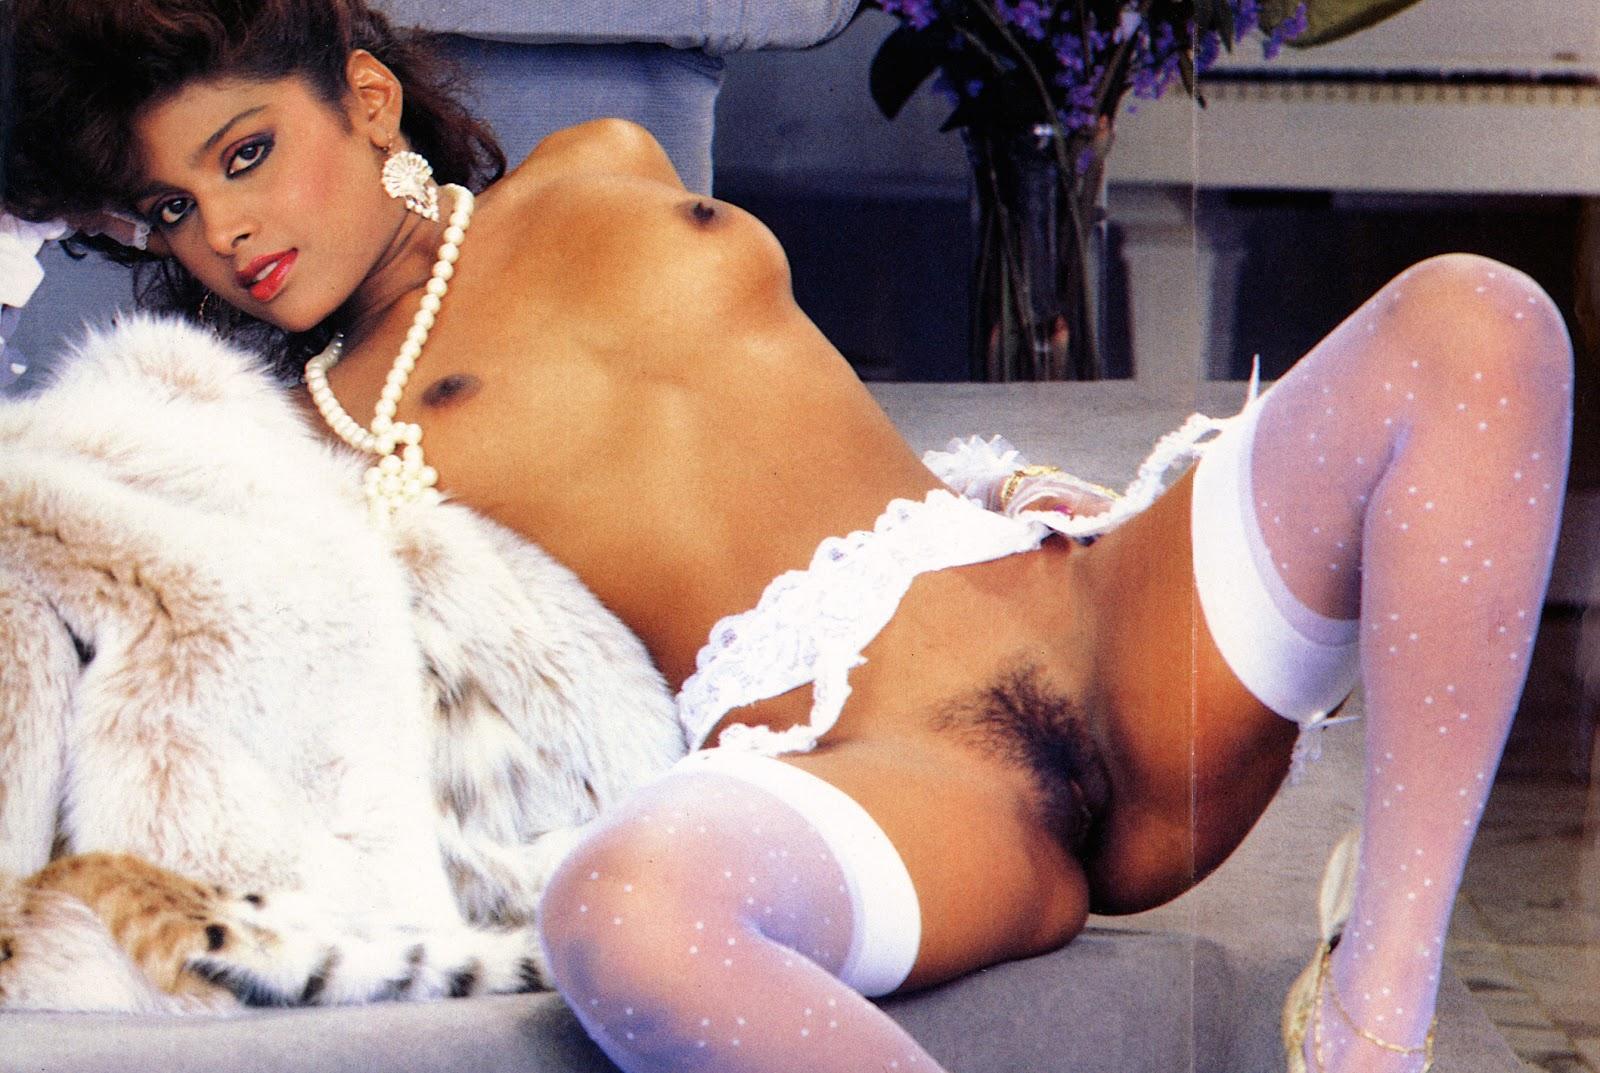 Jenna persaud at vintage erotica